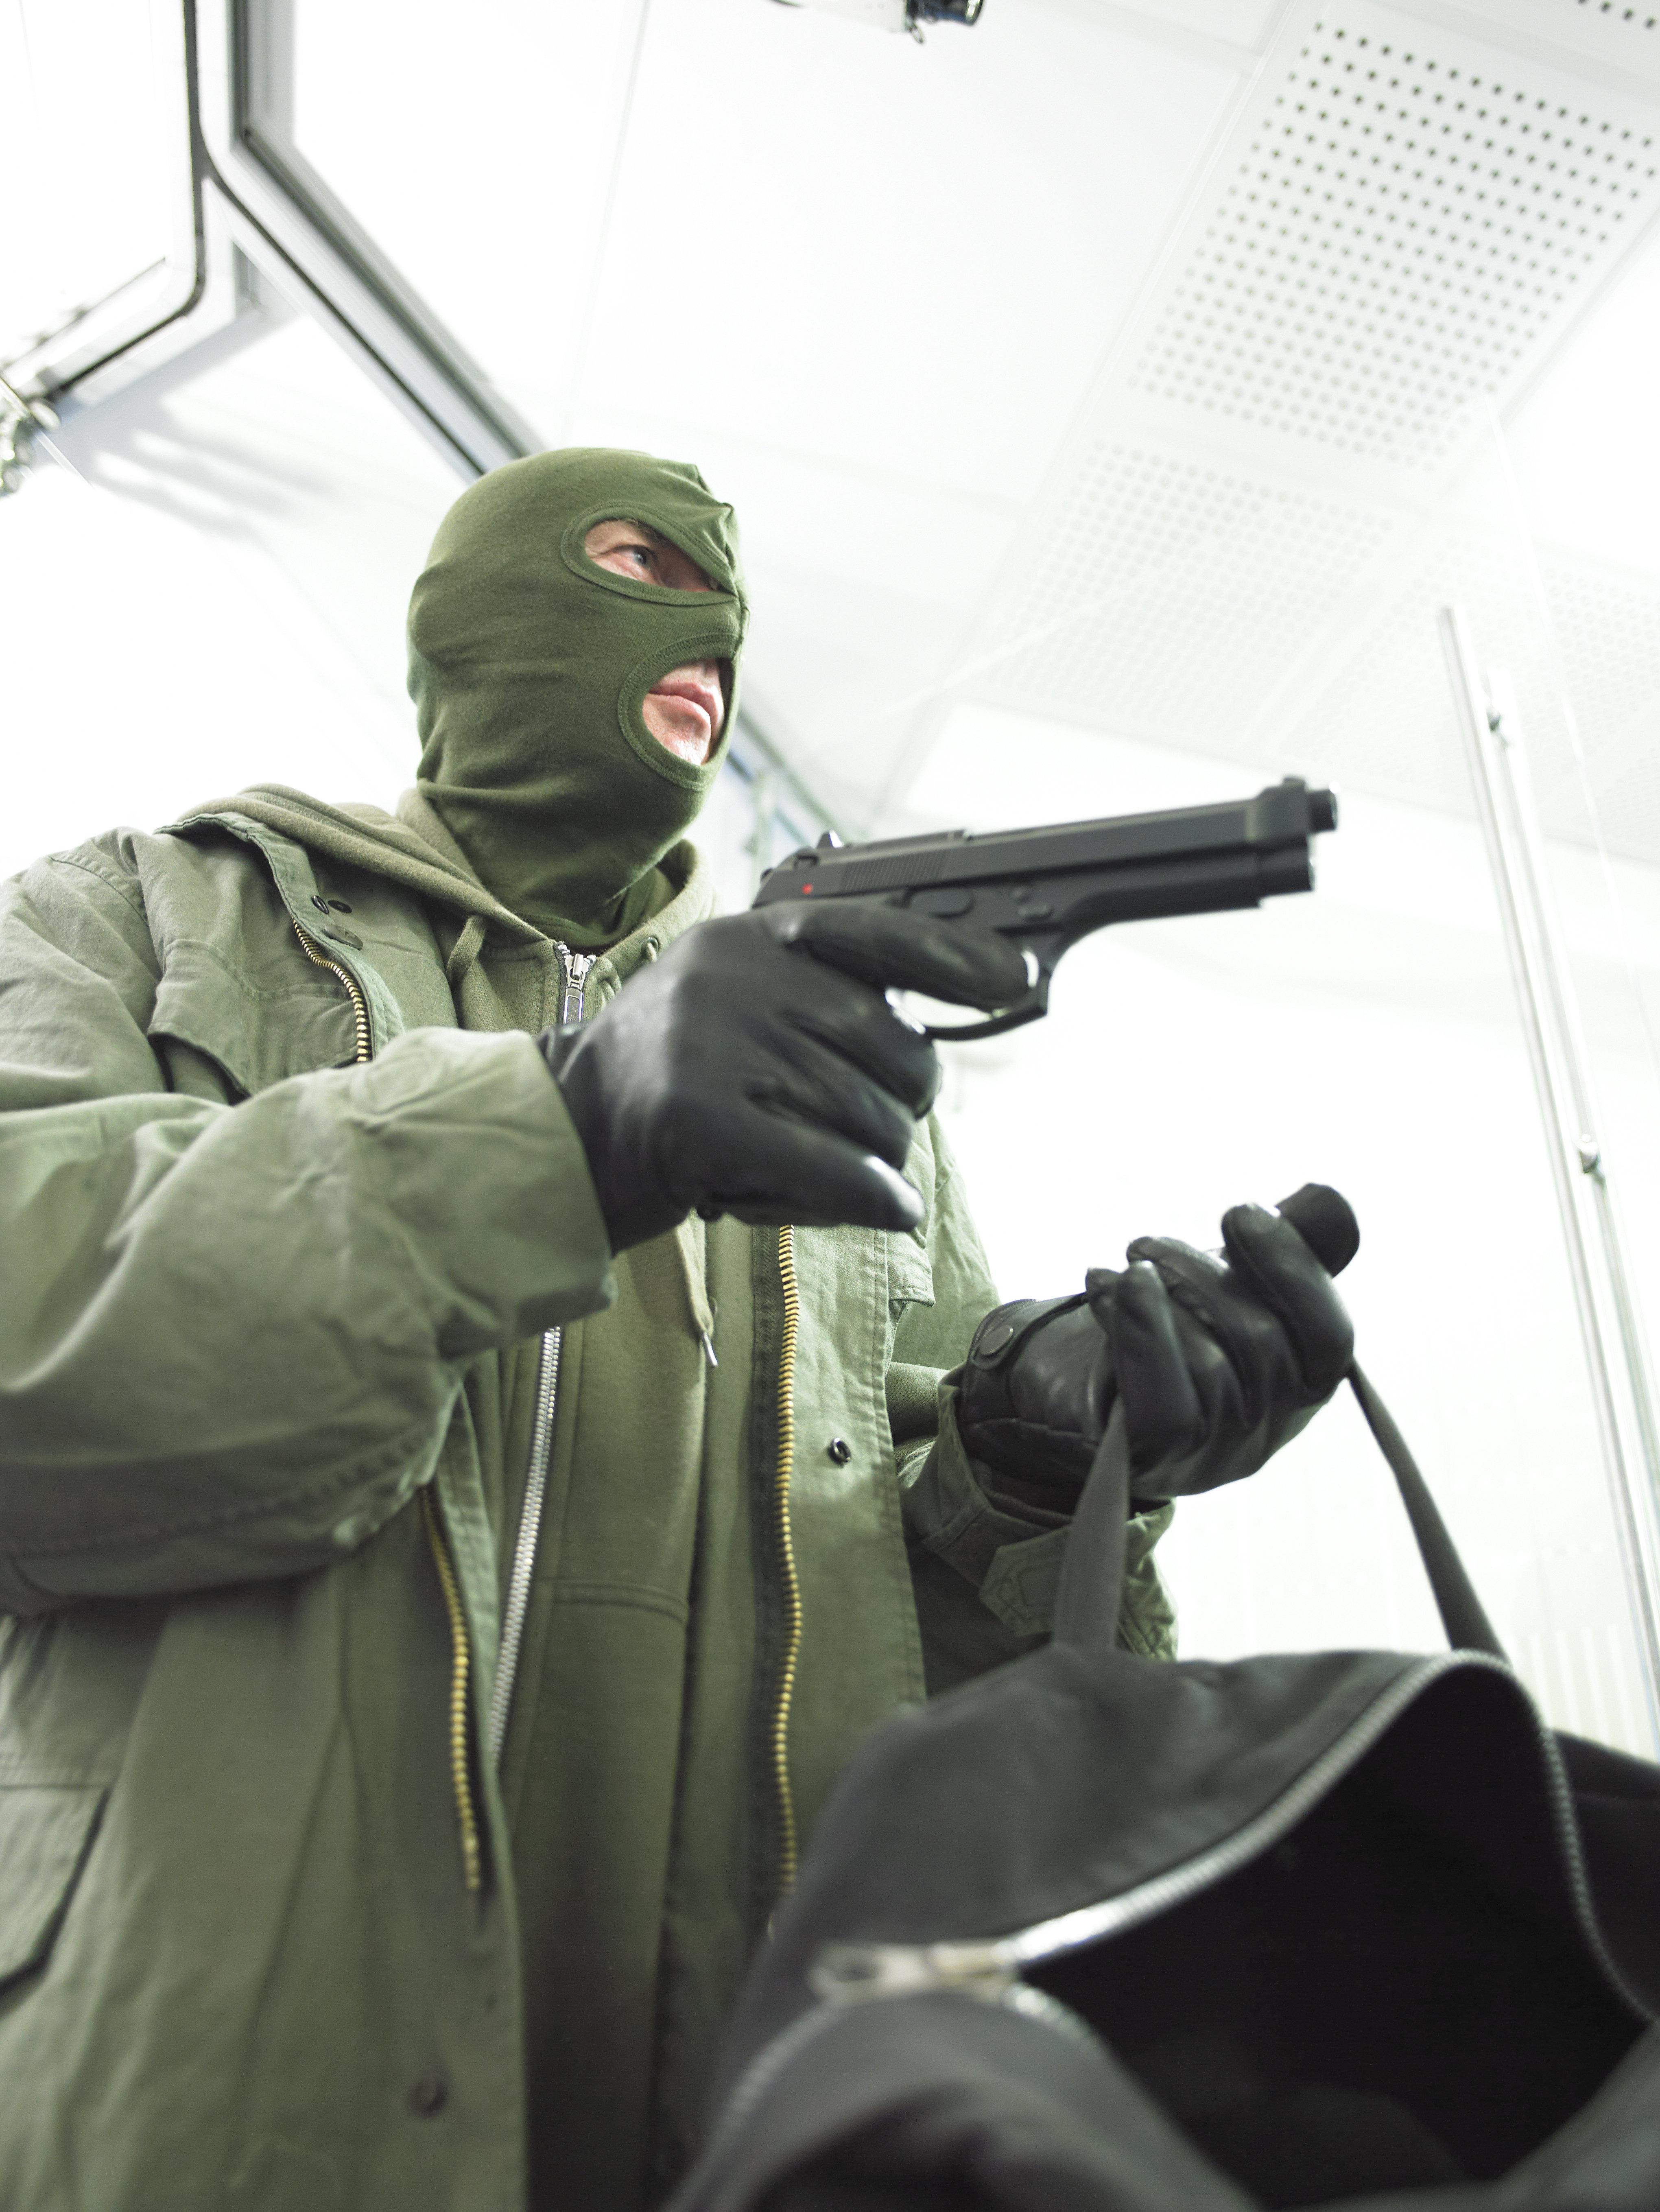 Coups de feu, Hold-up à main armée, caisses vidées d'une banque...: Que s'est-il passé à Cité Al